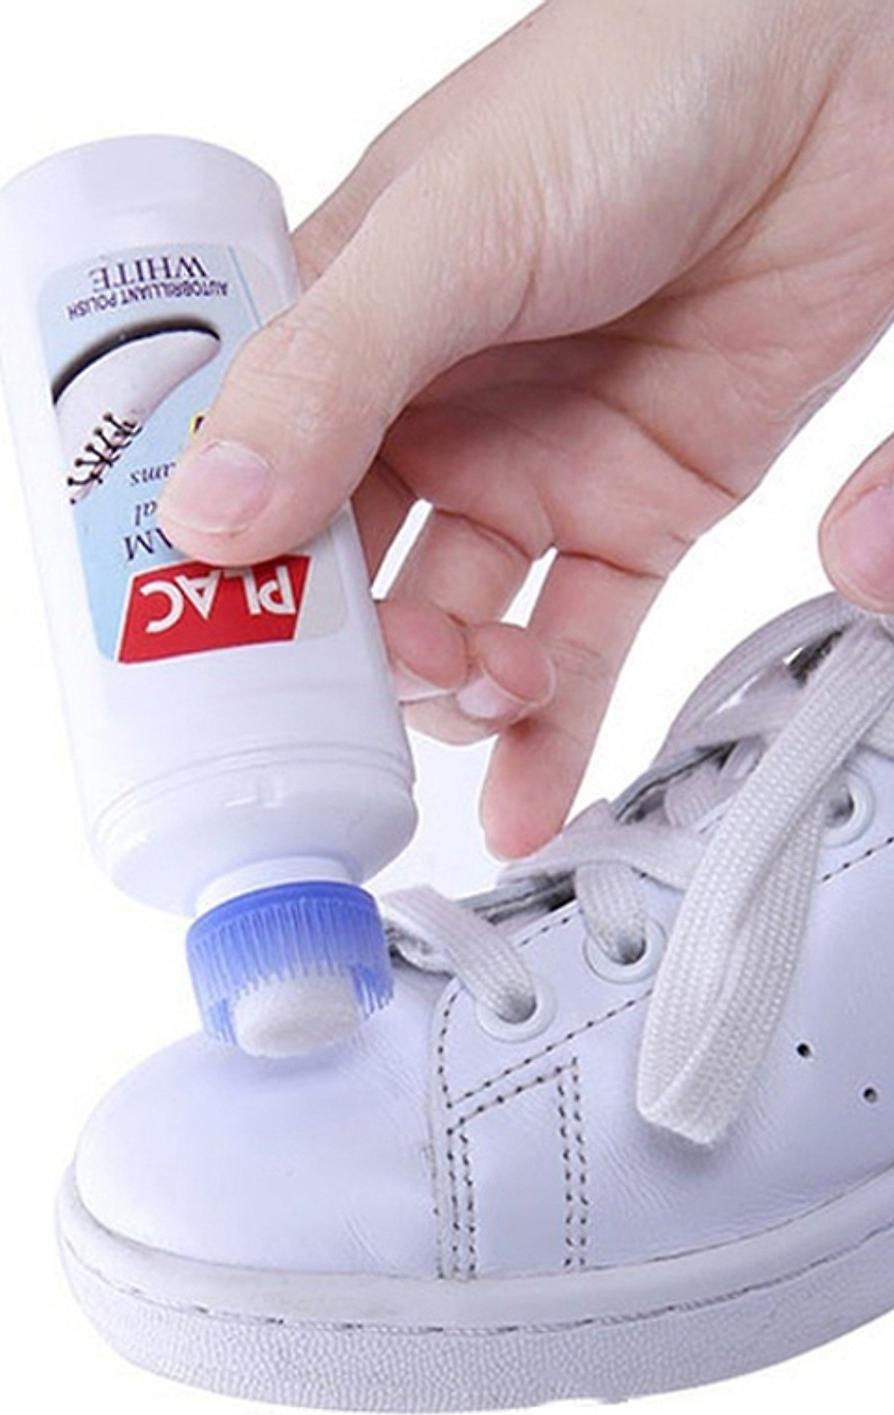 Chai Tẩy Trắng Giày Dép Và Túi Xách An Toàn - Nhỏ Gọn - Tiện Dụng Cho Người Sử Dụng, Chai Tẩy Trắng Plac Thông Minh Với Đầu Cọ Siêu Bền Chắc